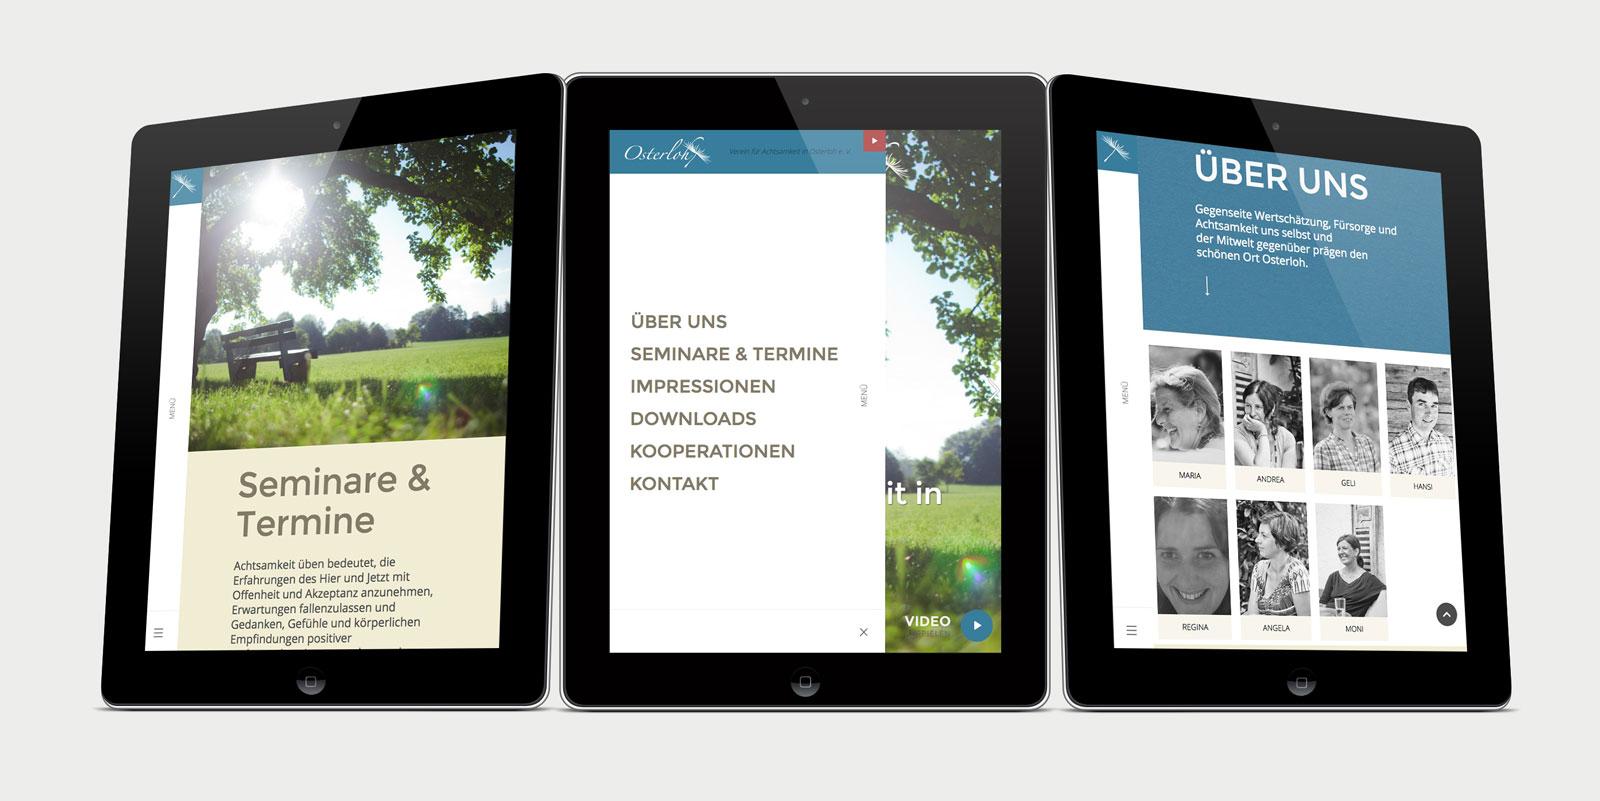 Contentseite von achtsamkeit-osterloh.org, dargestellt auf iPad